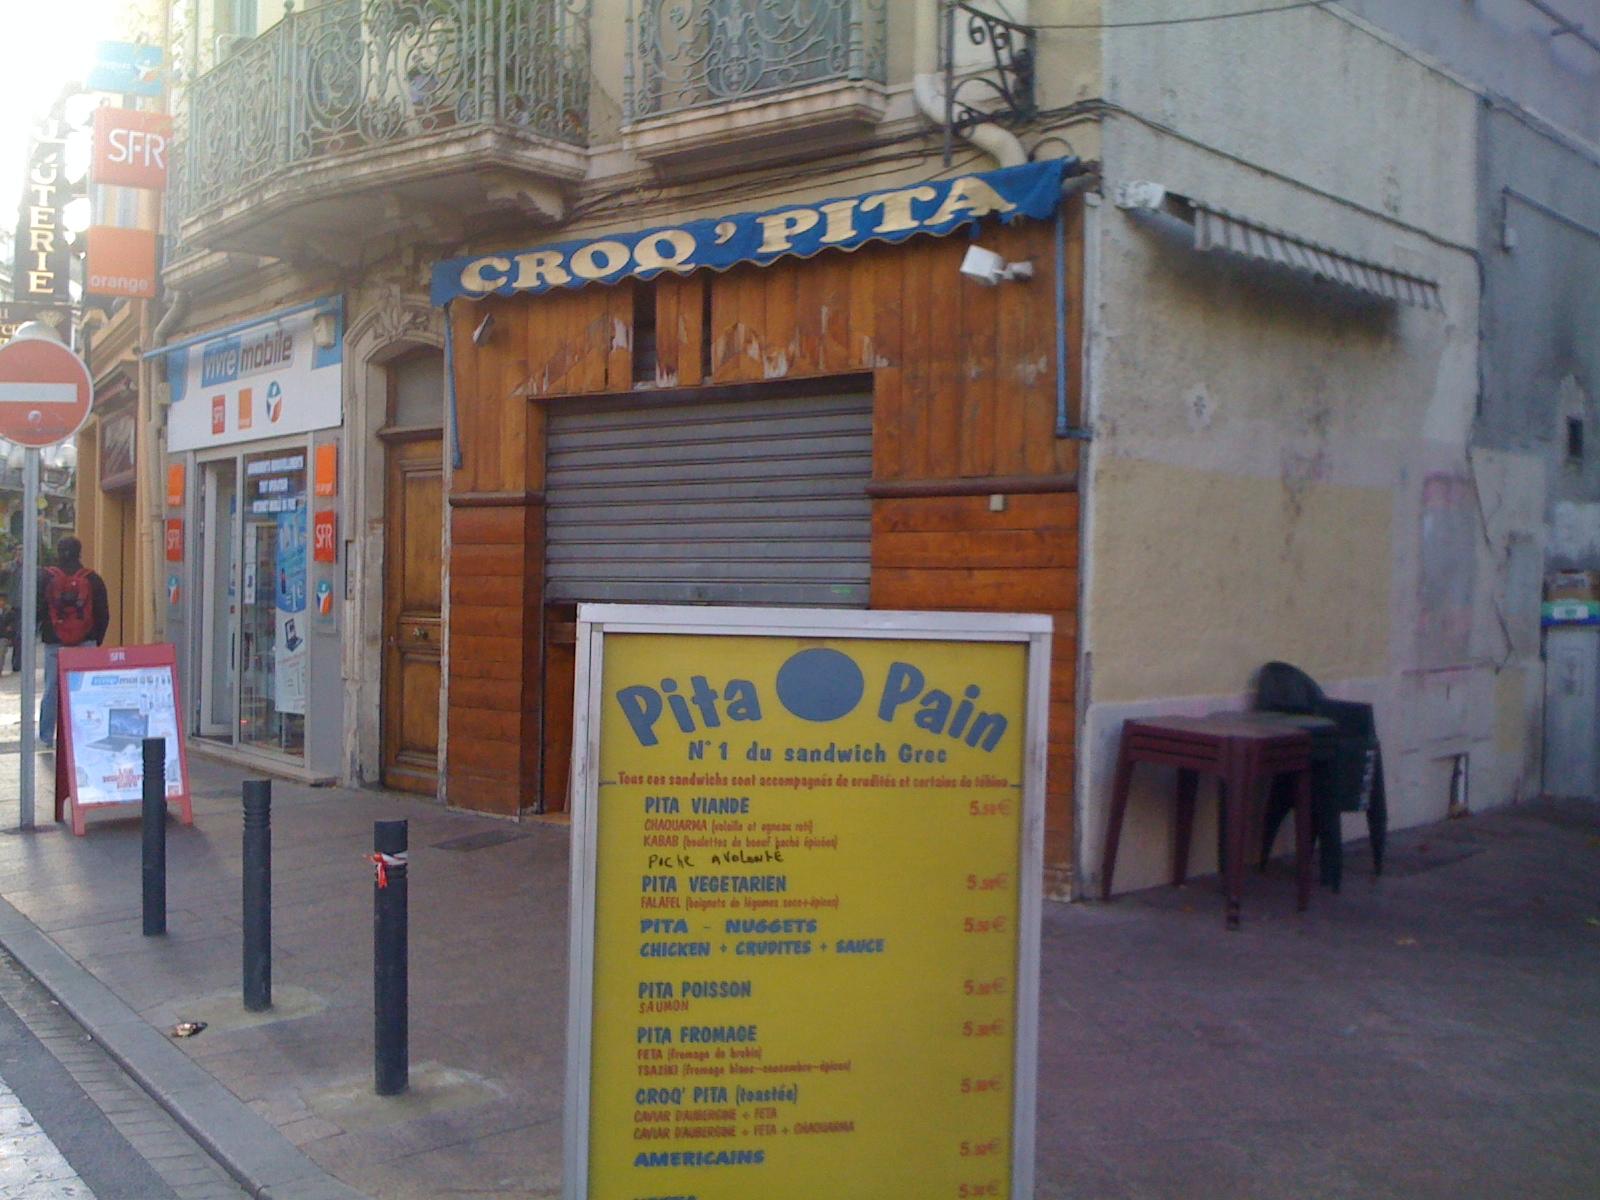 Croq-Pita